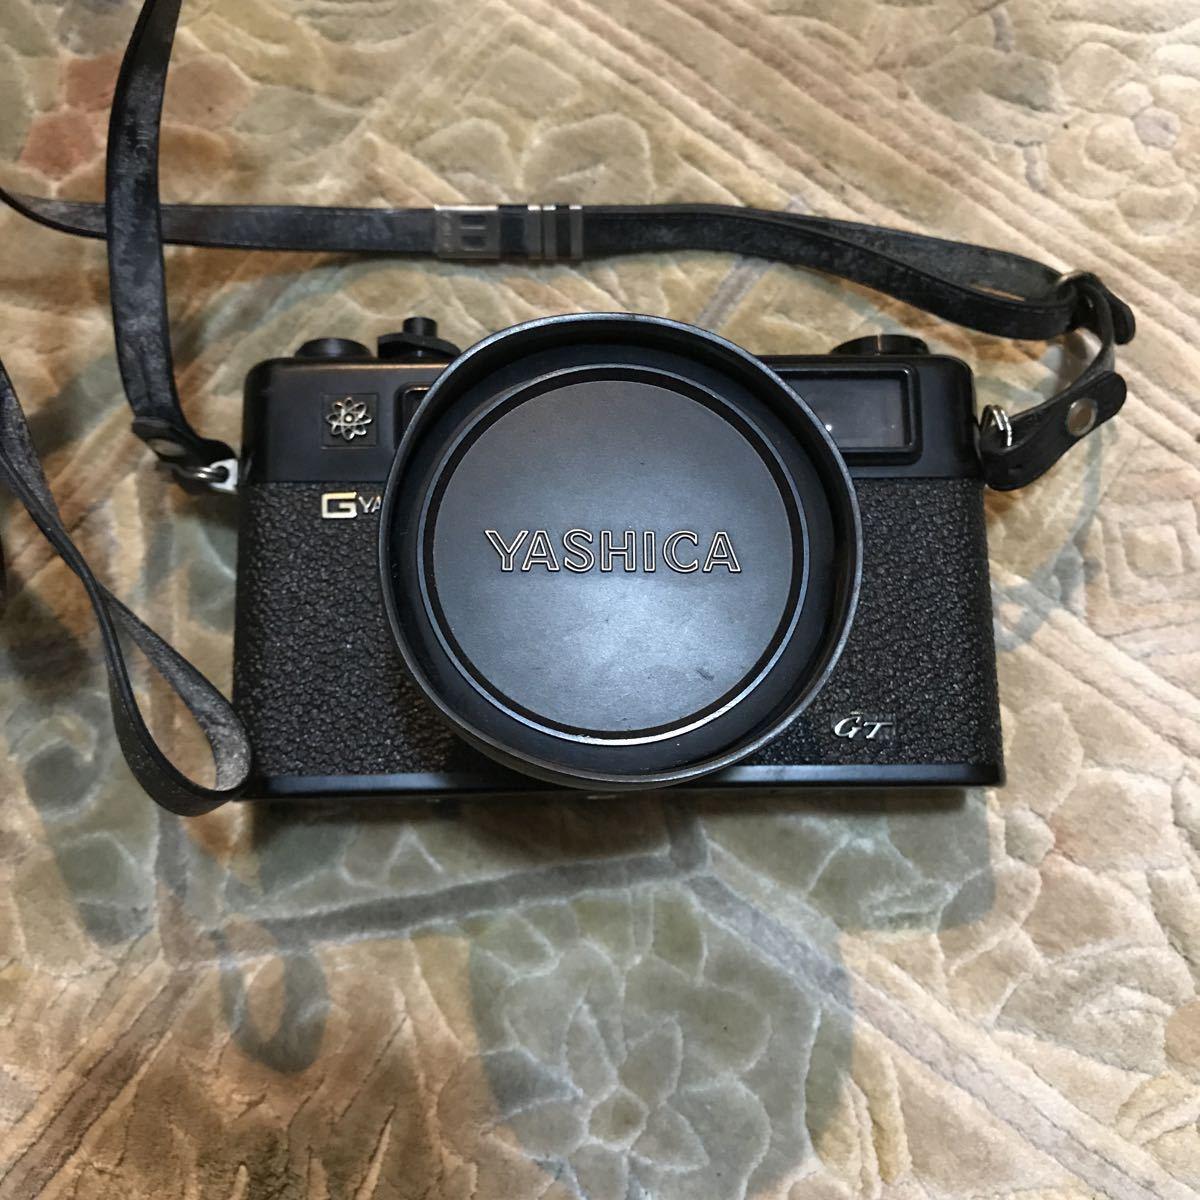 Yashica Electro 35 GT ブラック ヤシカ エレクトロ 35 レンジファインダー 一眼レフ フィルムカメラ_画像2